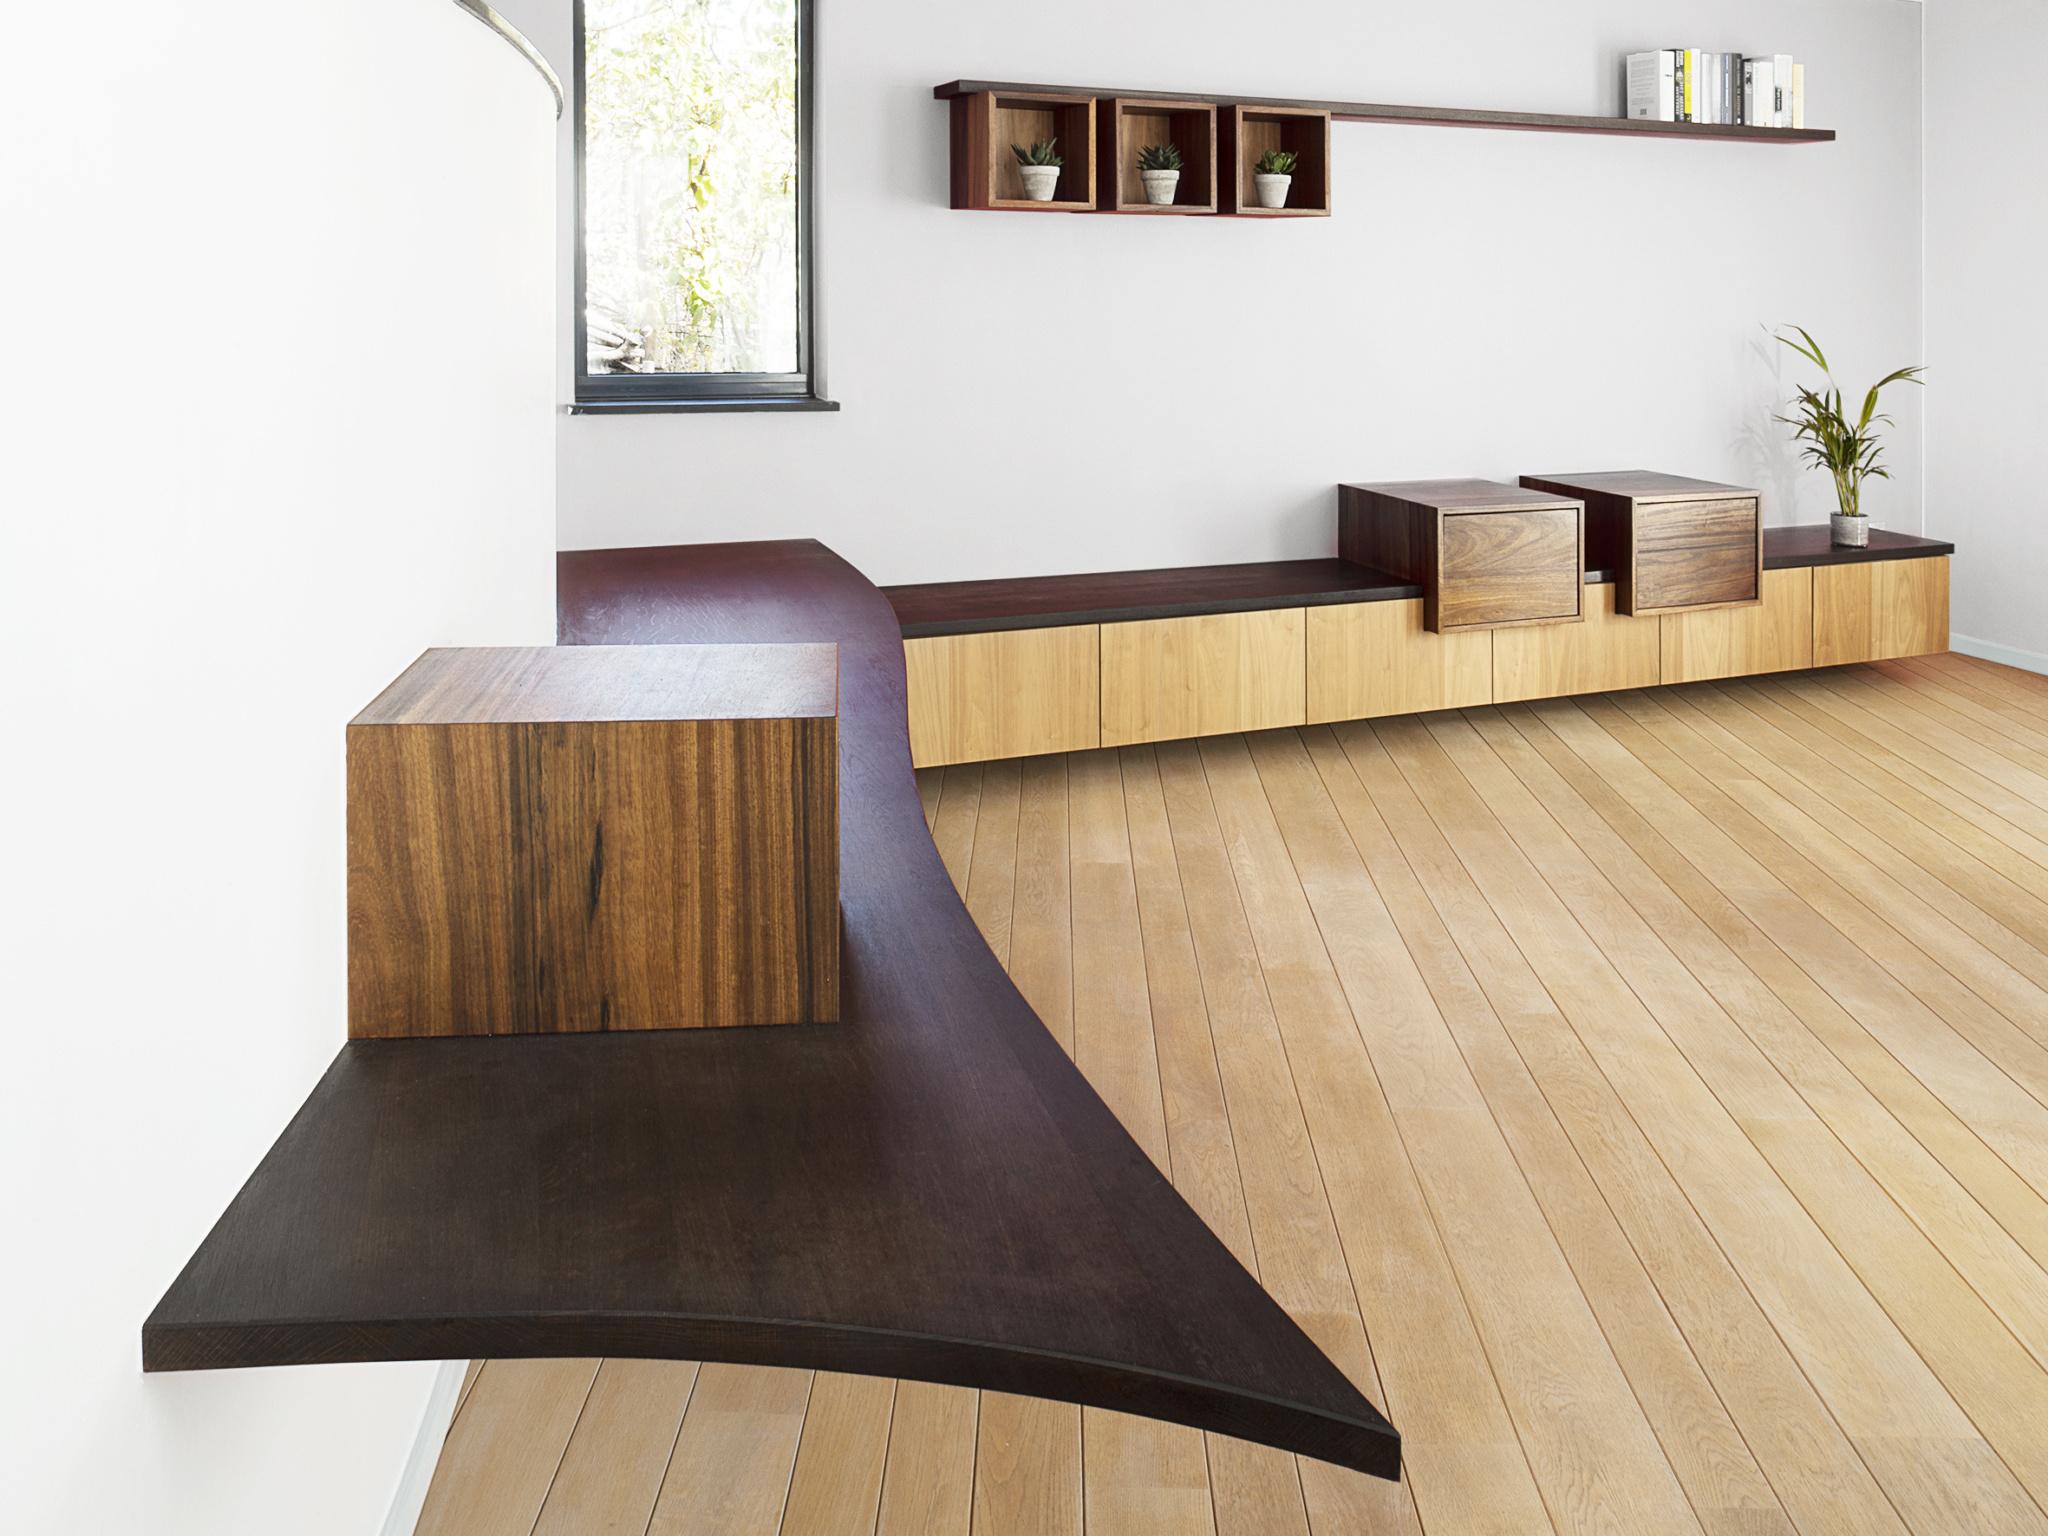 Gebogen eiken tablet rond ronde muur padoekkasten met schuif desert oak fineer fronten onder gekleurd eiken tablet warme leefruimte tienen